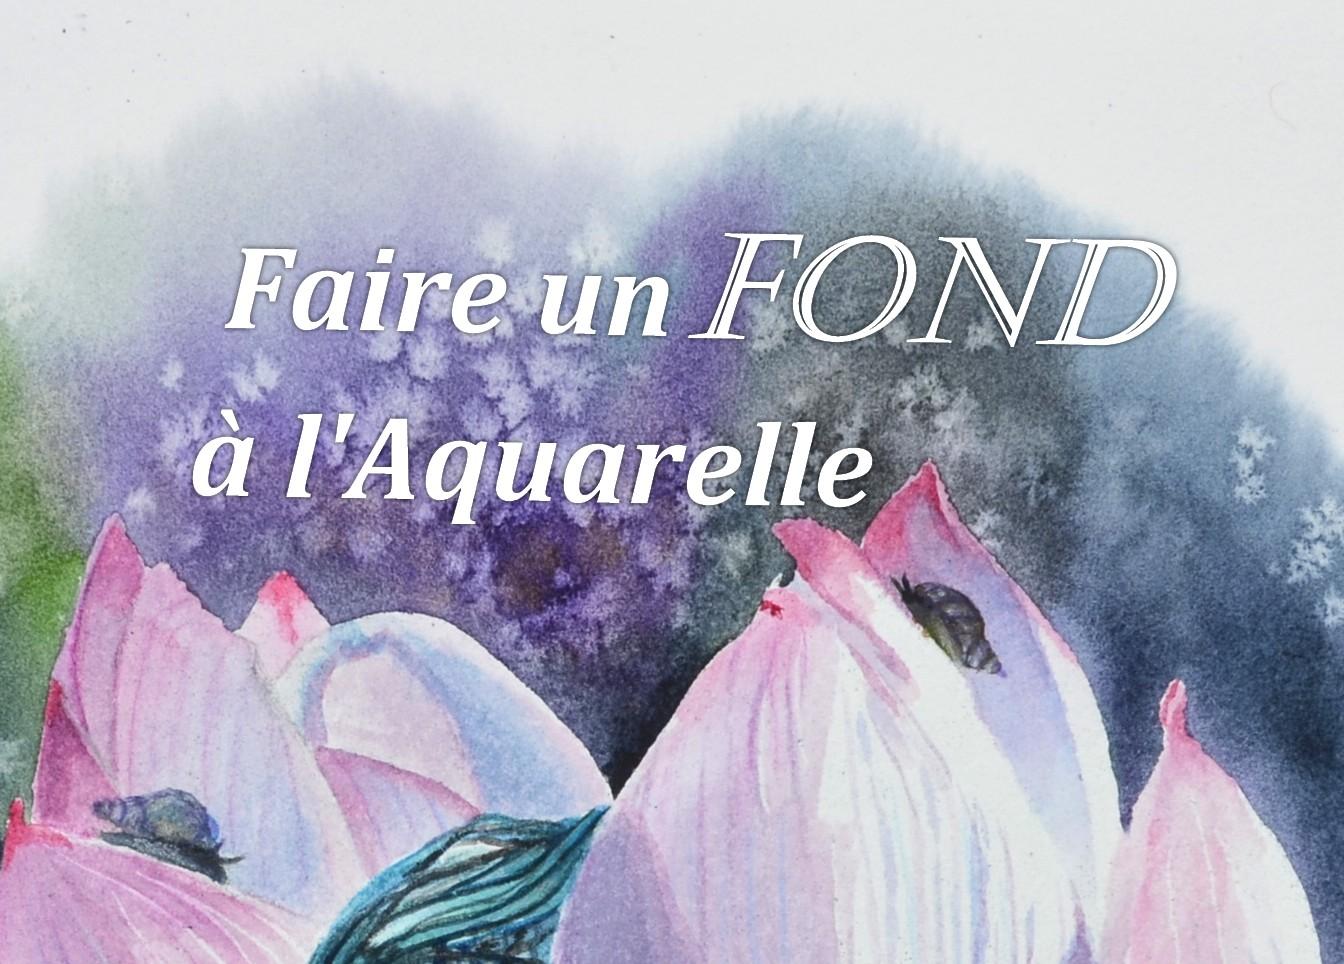 Peindre Un Fond A L Aquarelle Debutants